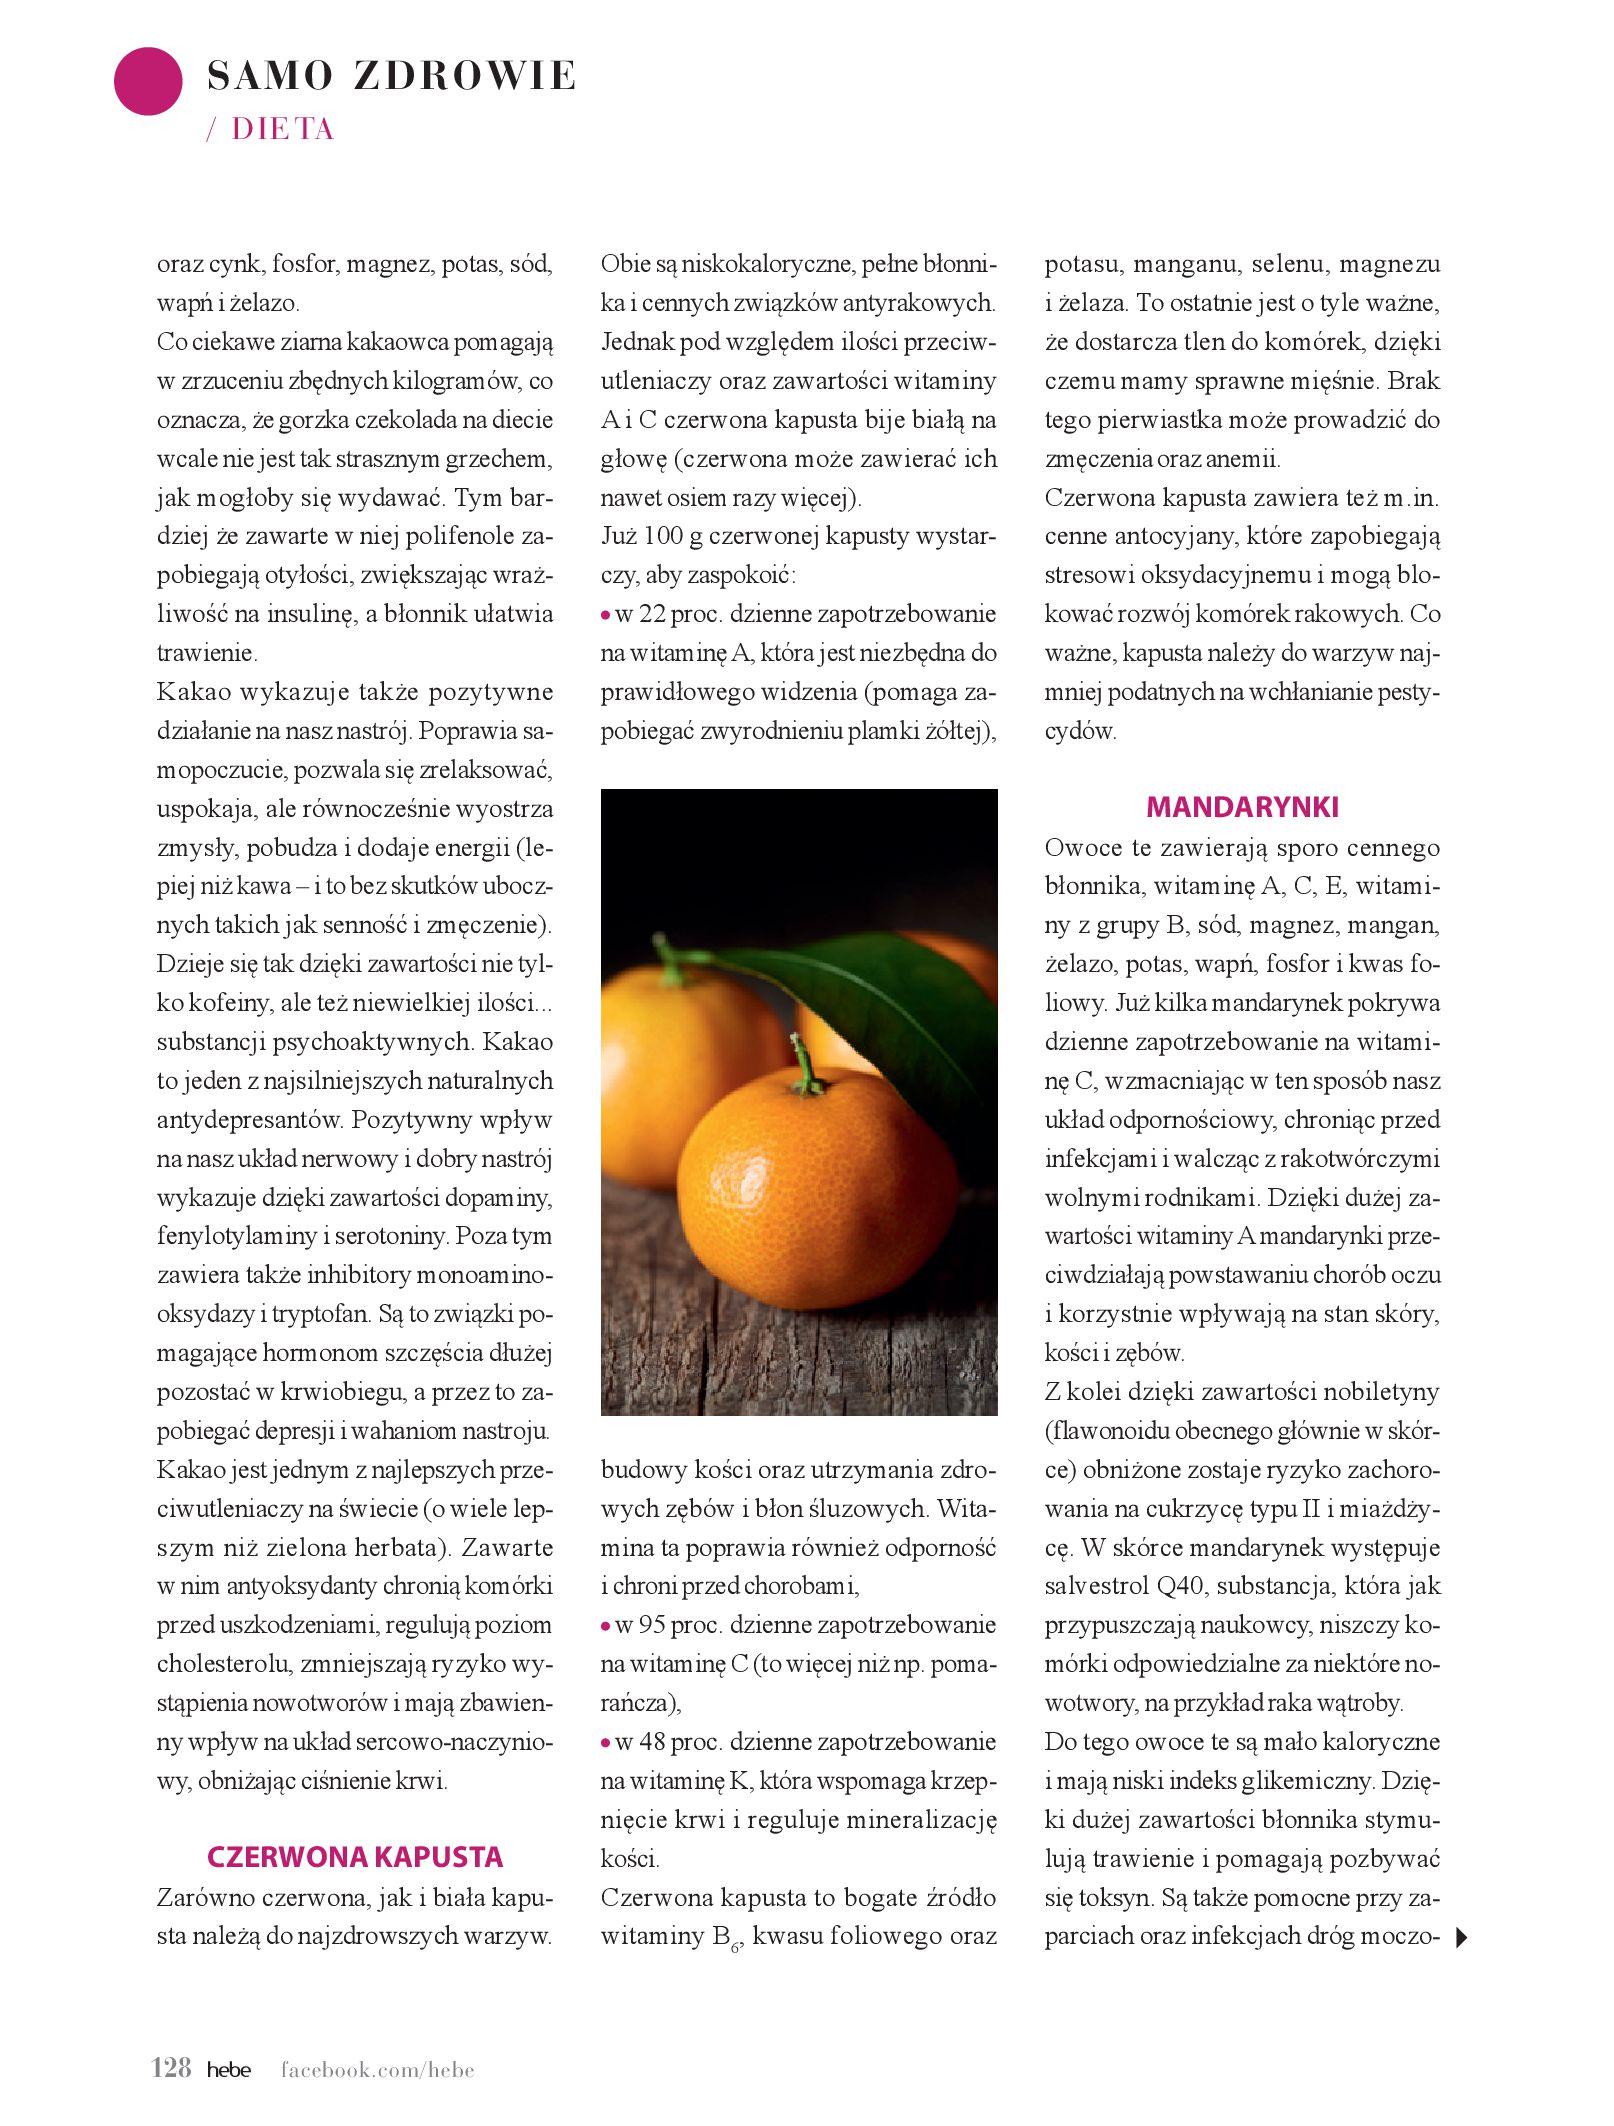 Gazetka hebe: Magazyn hebe - TURBO nawilżanie po urlopie 2021-09-01 page-128